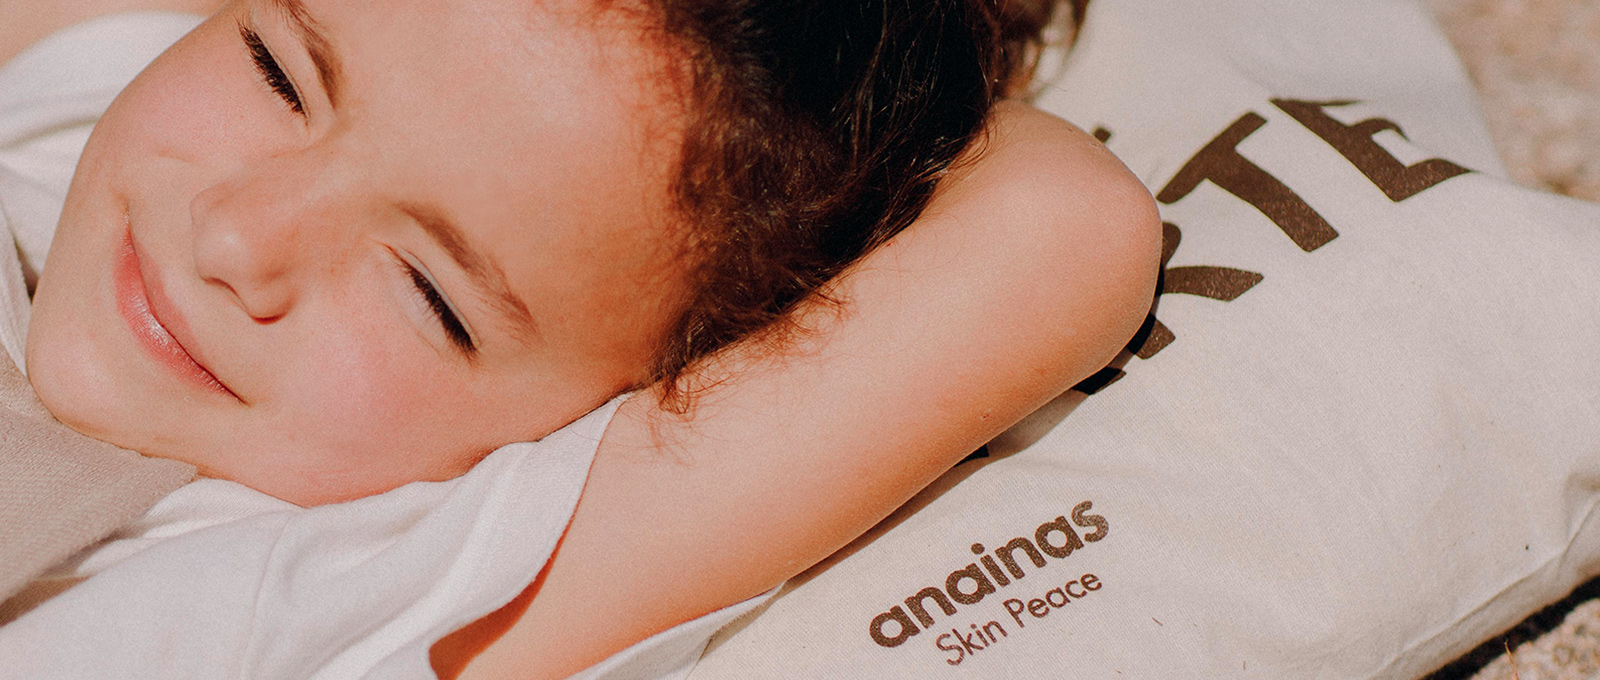 Sobre nosotras - Anainas